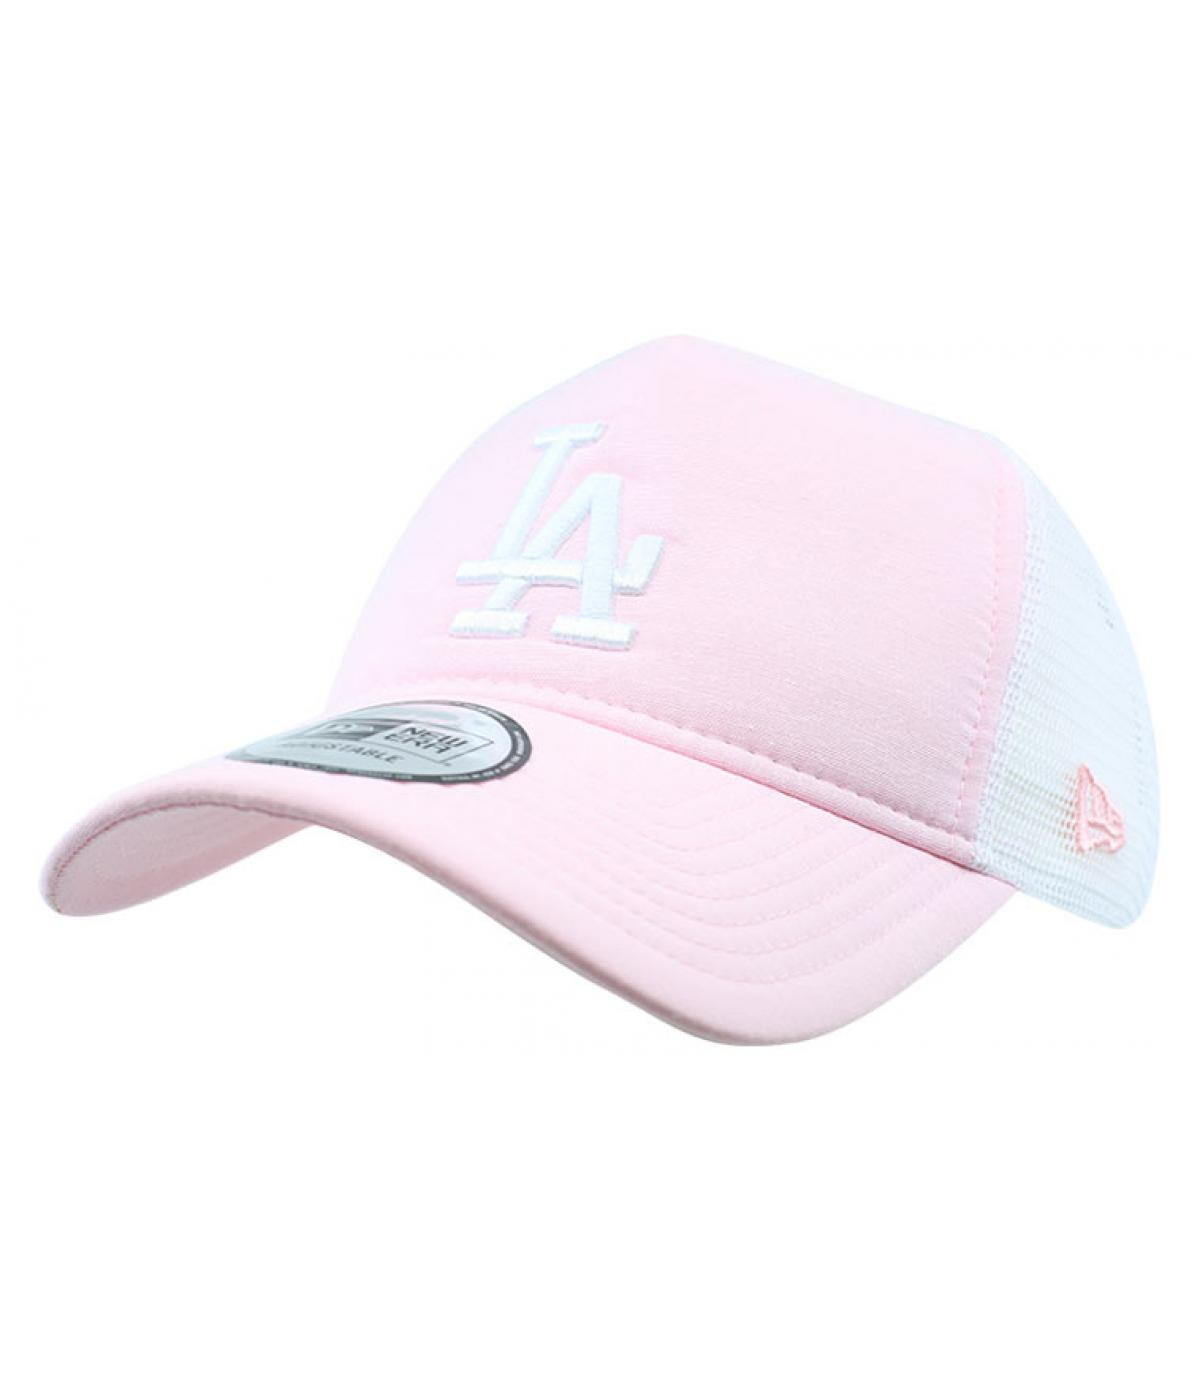 Détails MLB Oxford LA pink - image 2